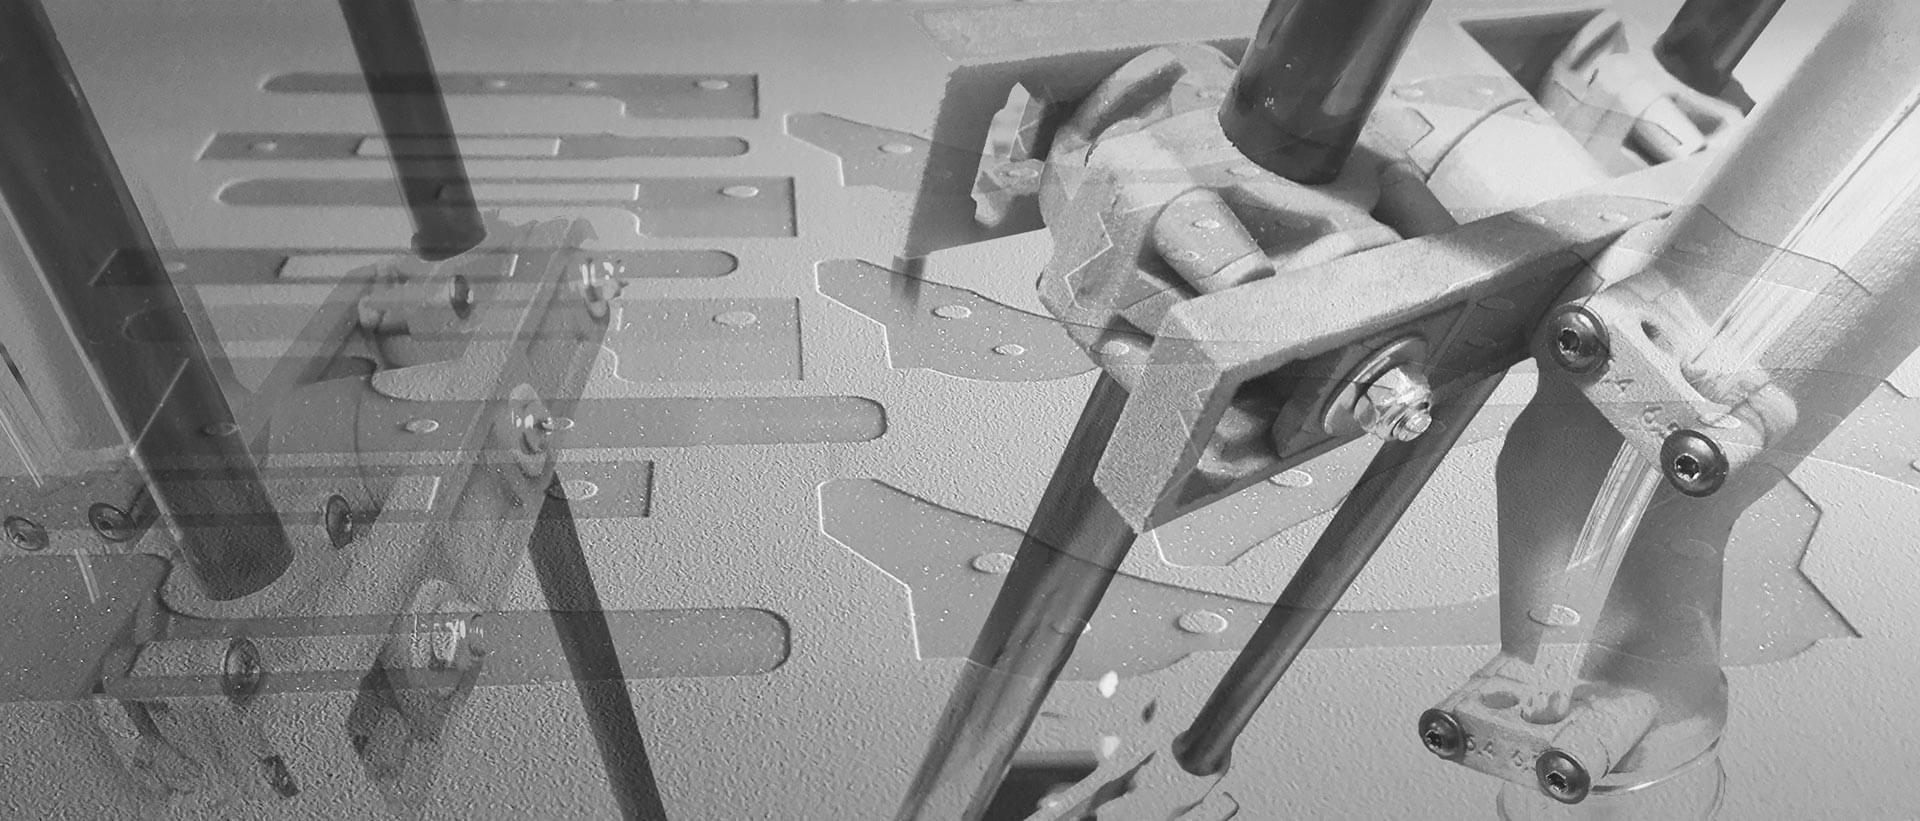 IDPrint3D est spécialisée dans l'impression 3D d'objets en haute définition grâce à la technologie de fabrication additive par frittage.